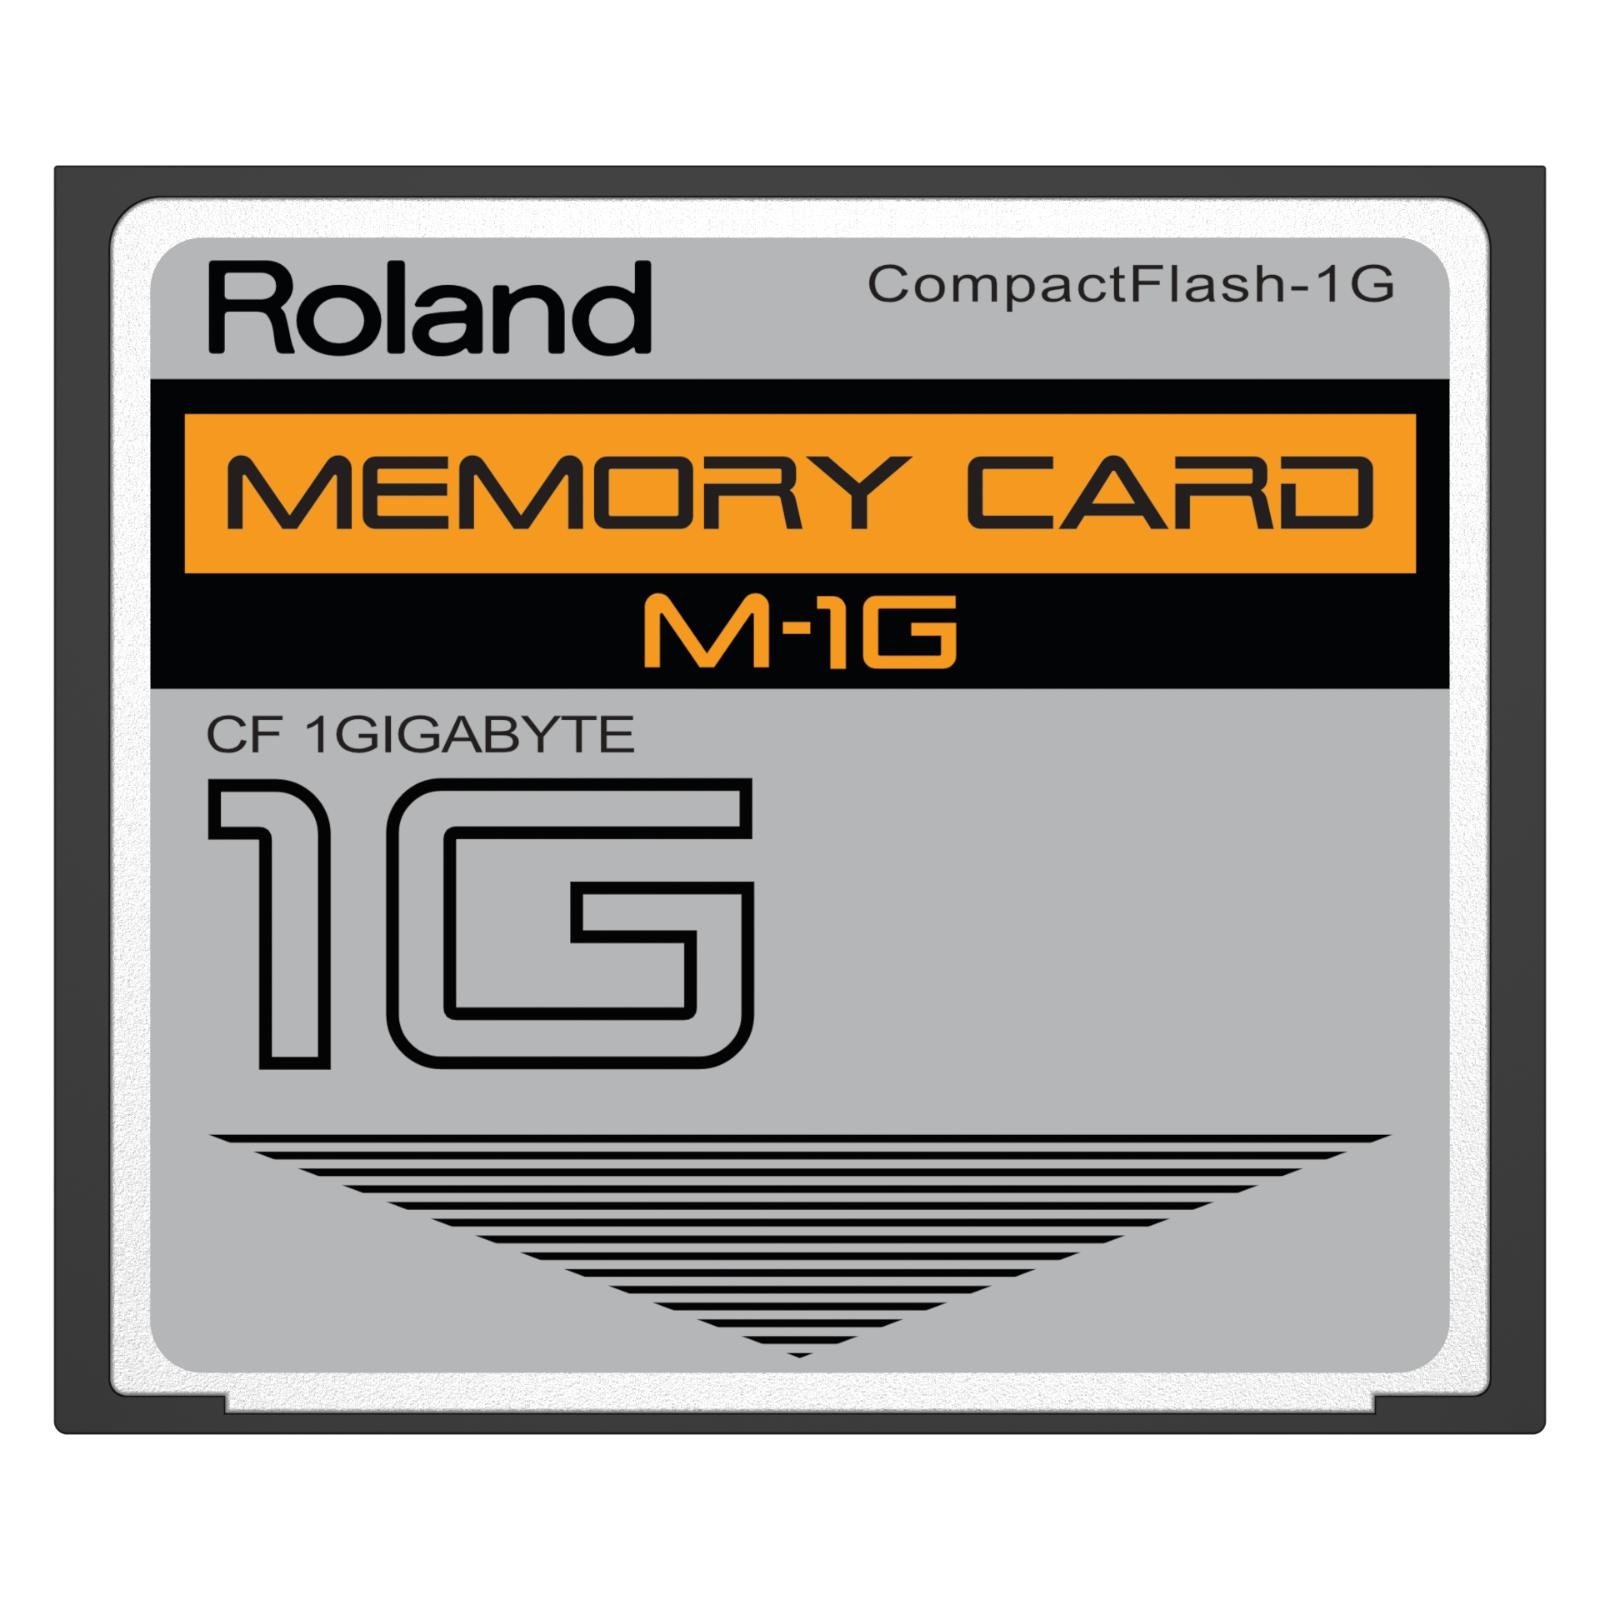 ROLAND SP-404SX LINEAR WAVE SAMPLER 32GB SD SDHC MEMORY CARD UPGRADE